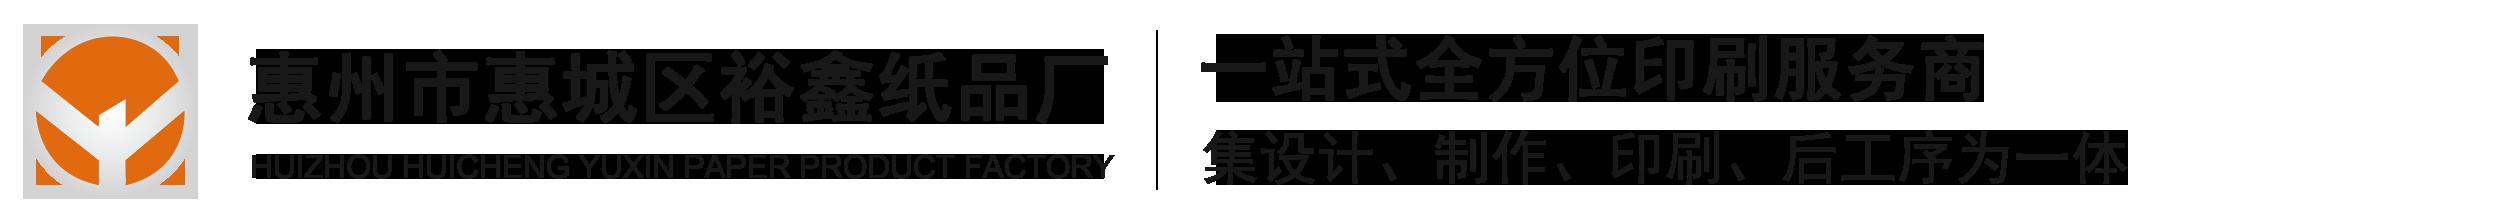 惠州市惠城区裕鑫纸品厂